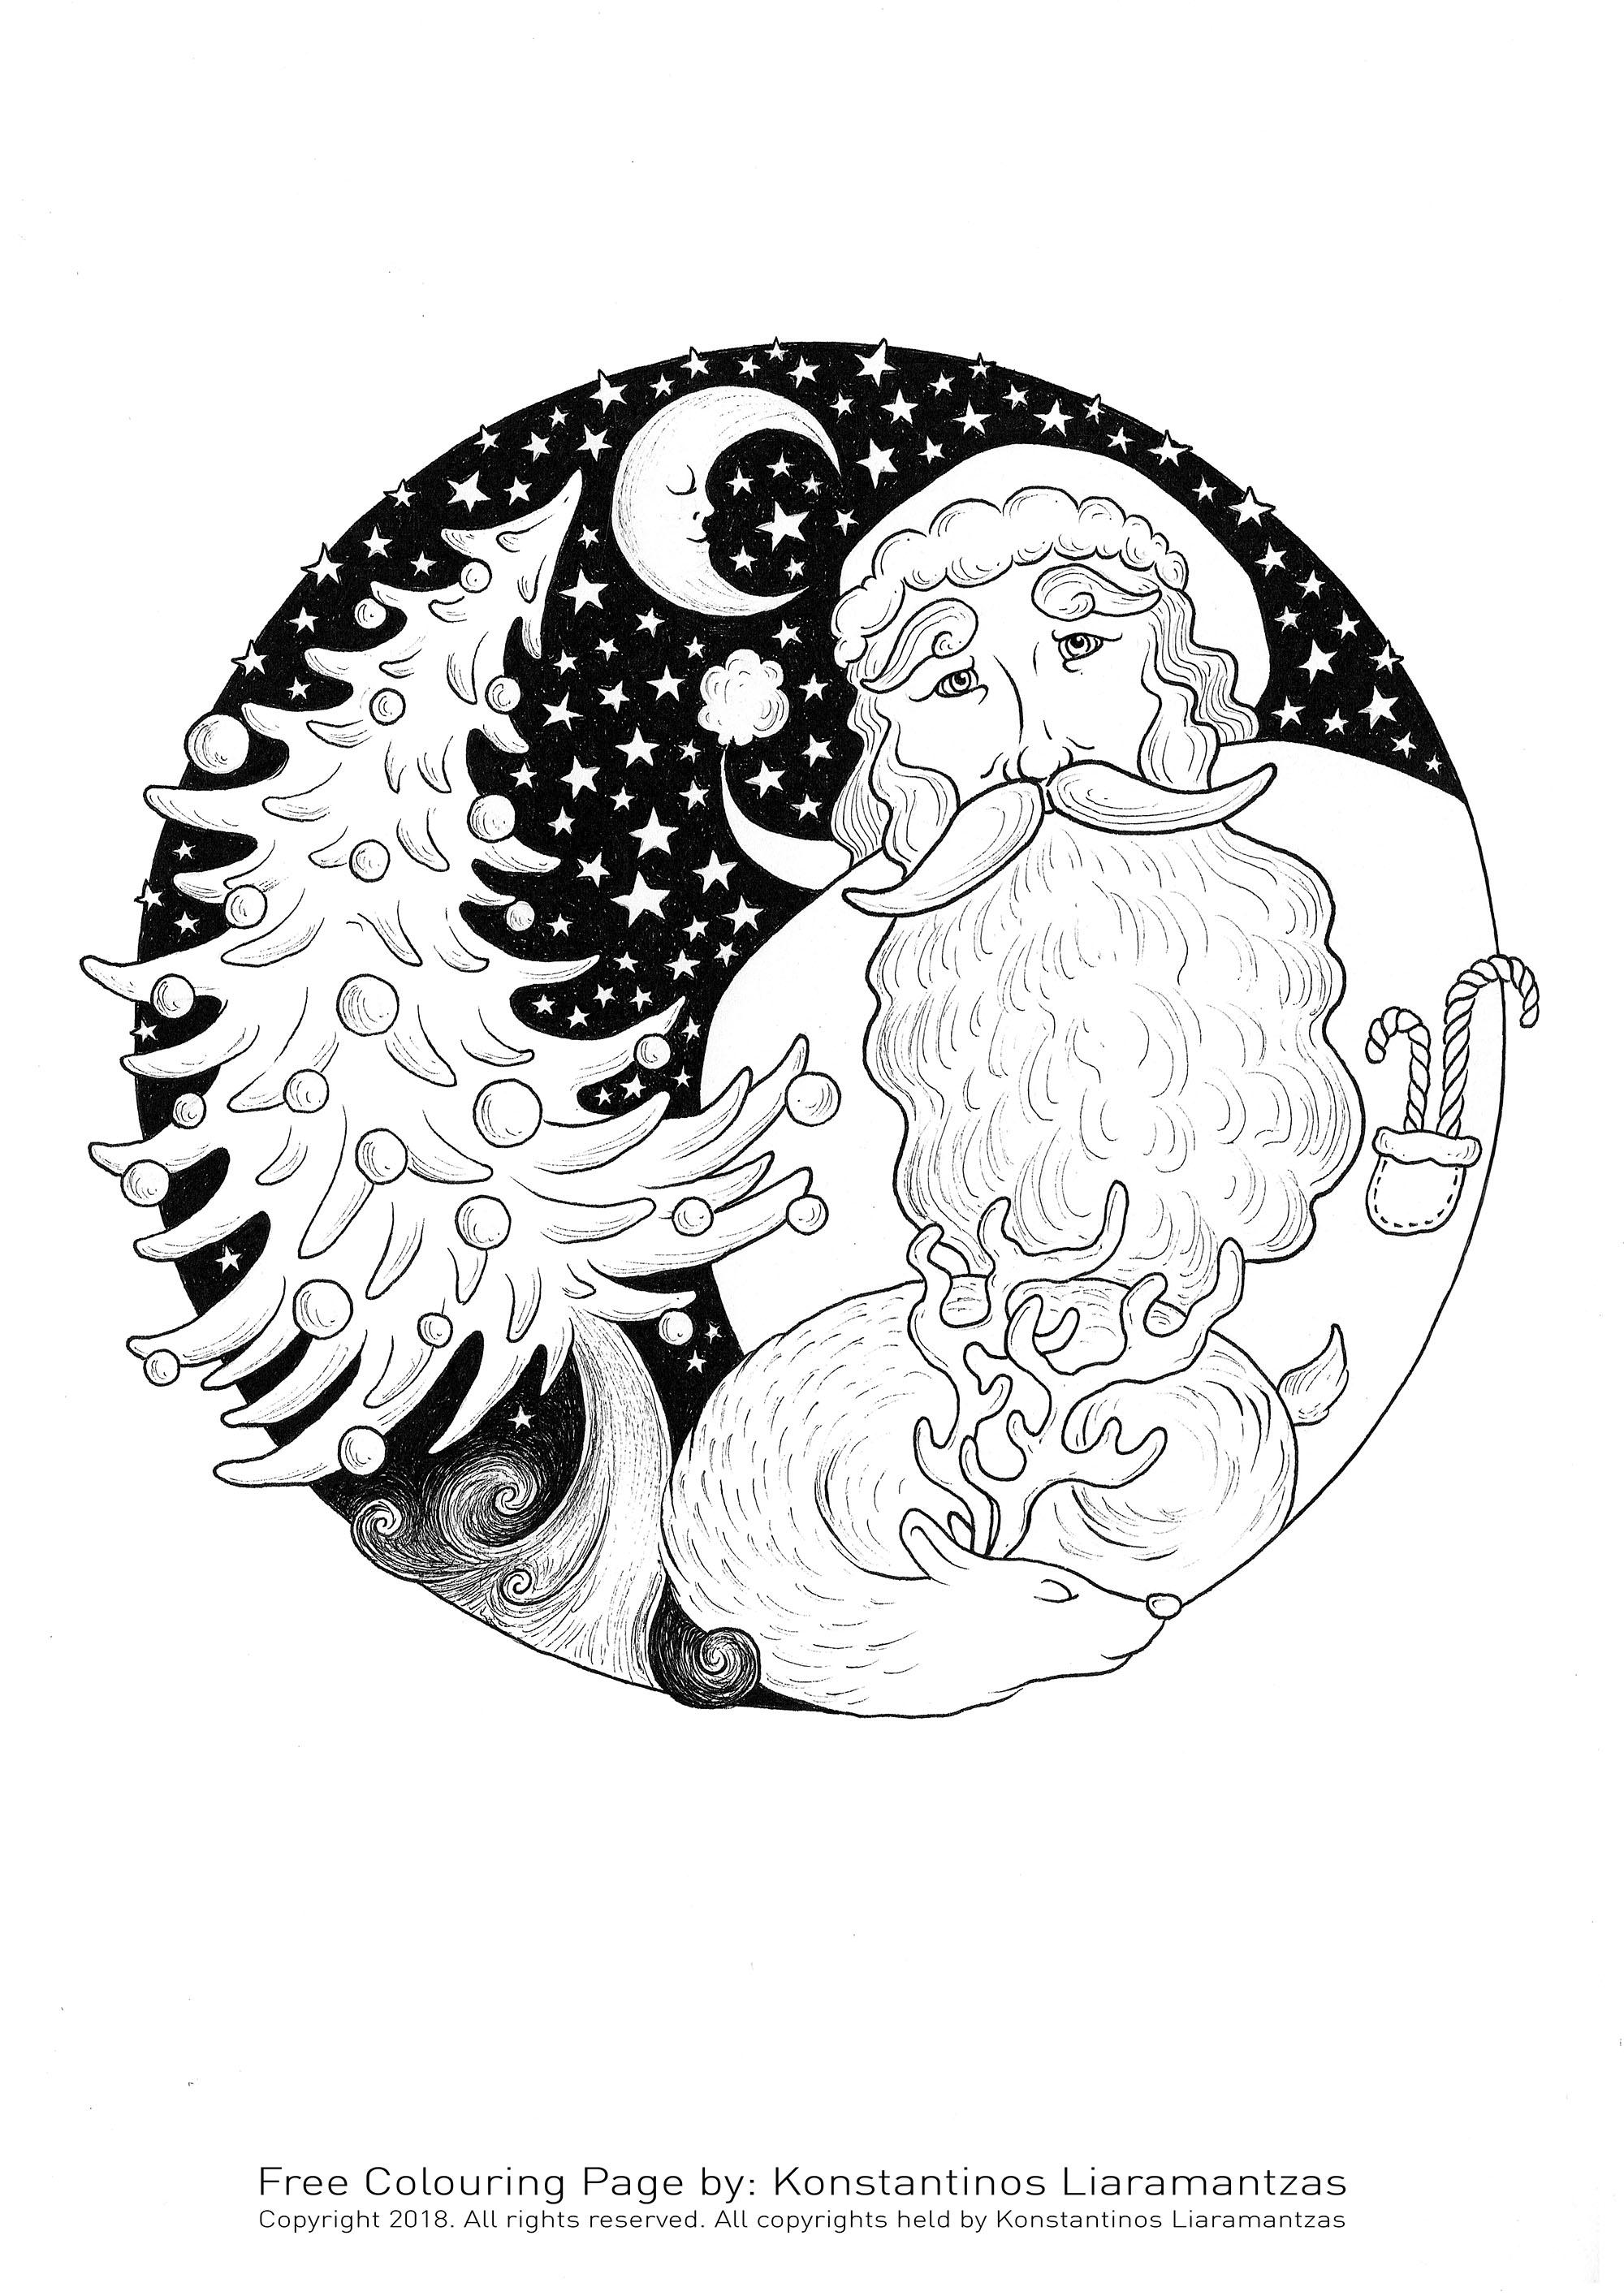 Père noel pendant une nuit étoilée avec son renne endormi